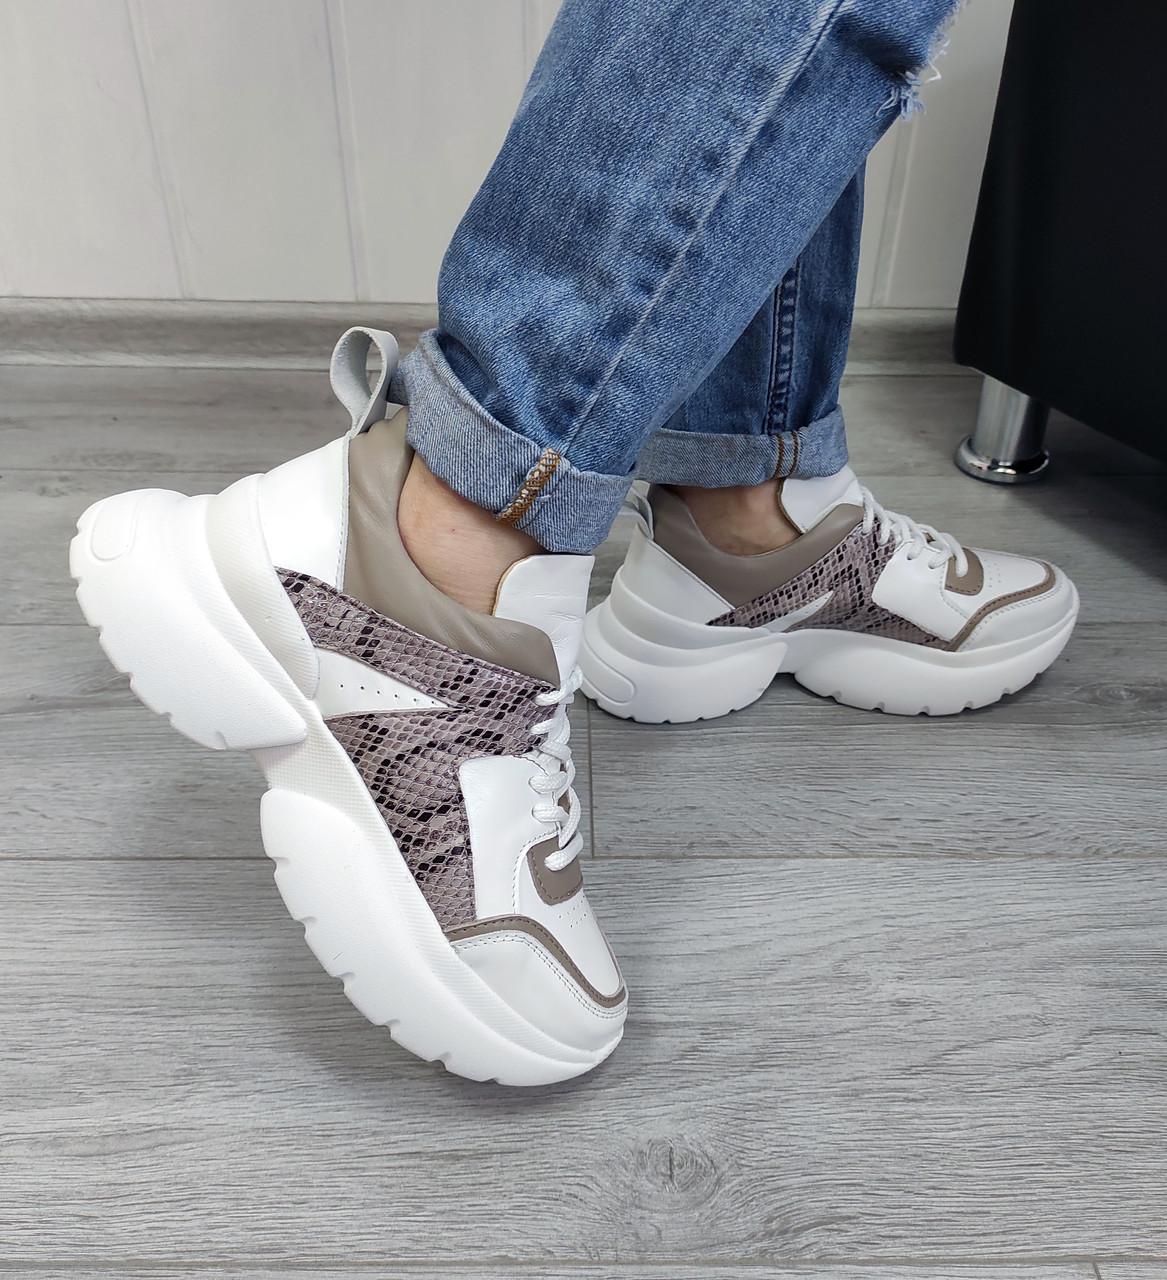 Об'єднані кросівки на платформі